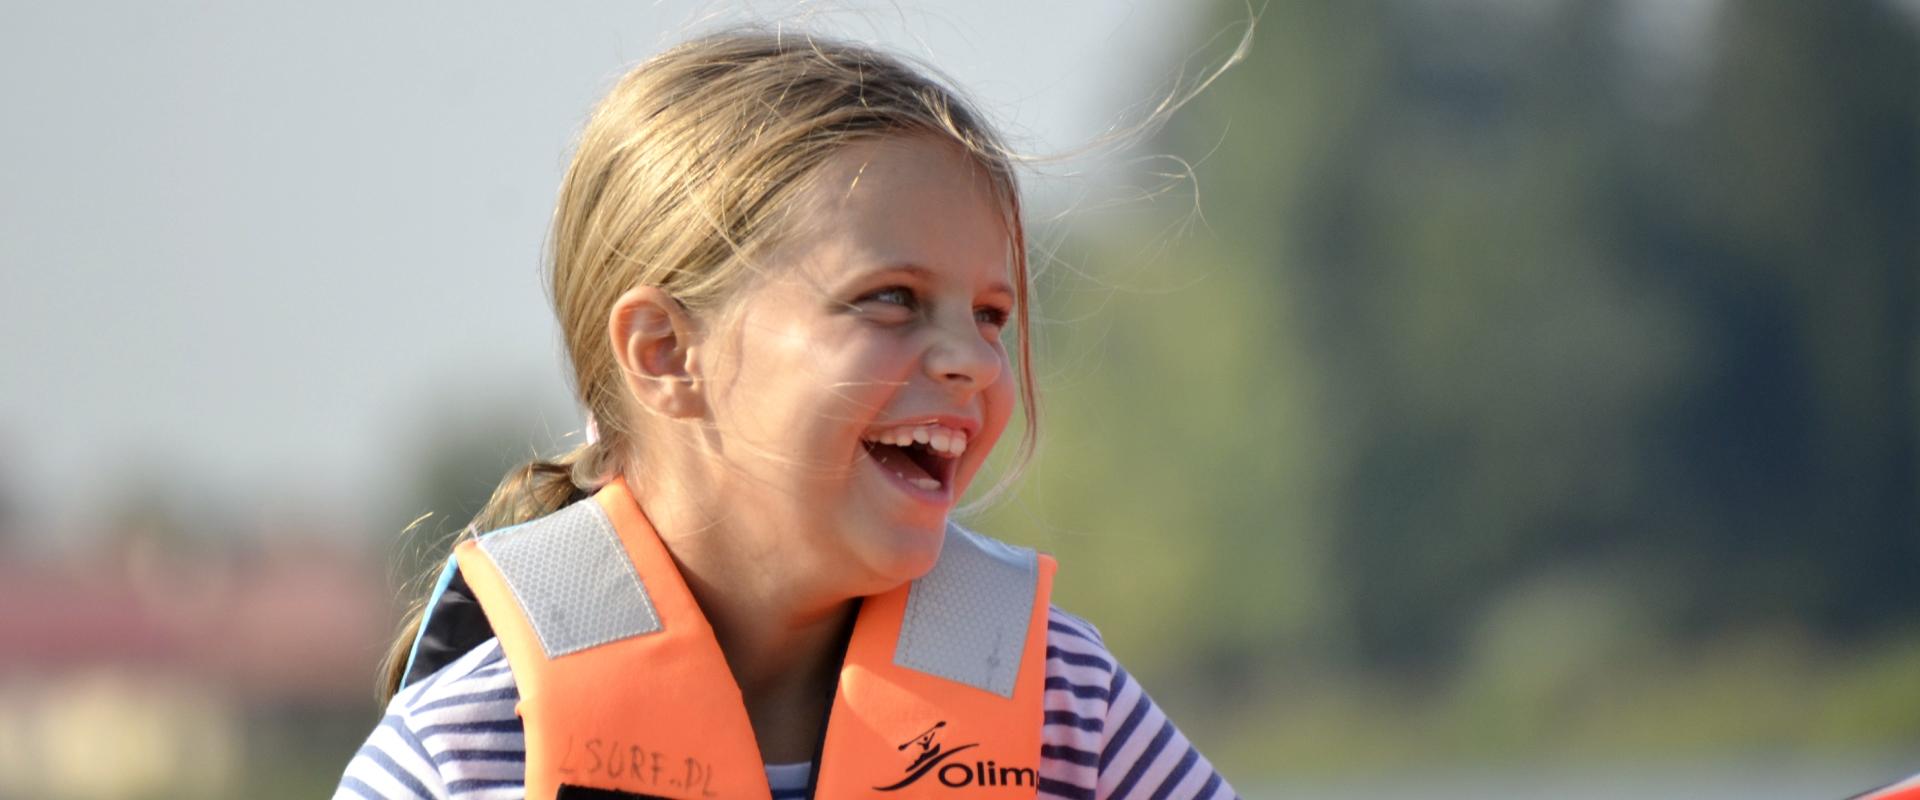 LSURF szkoła windsurfingu półkolonie zegrze nauka wypożyczalnia